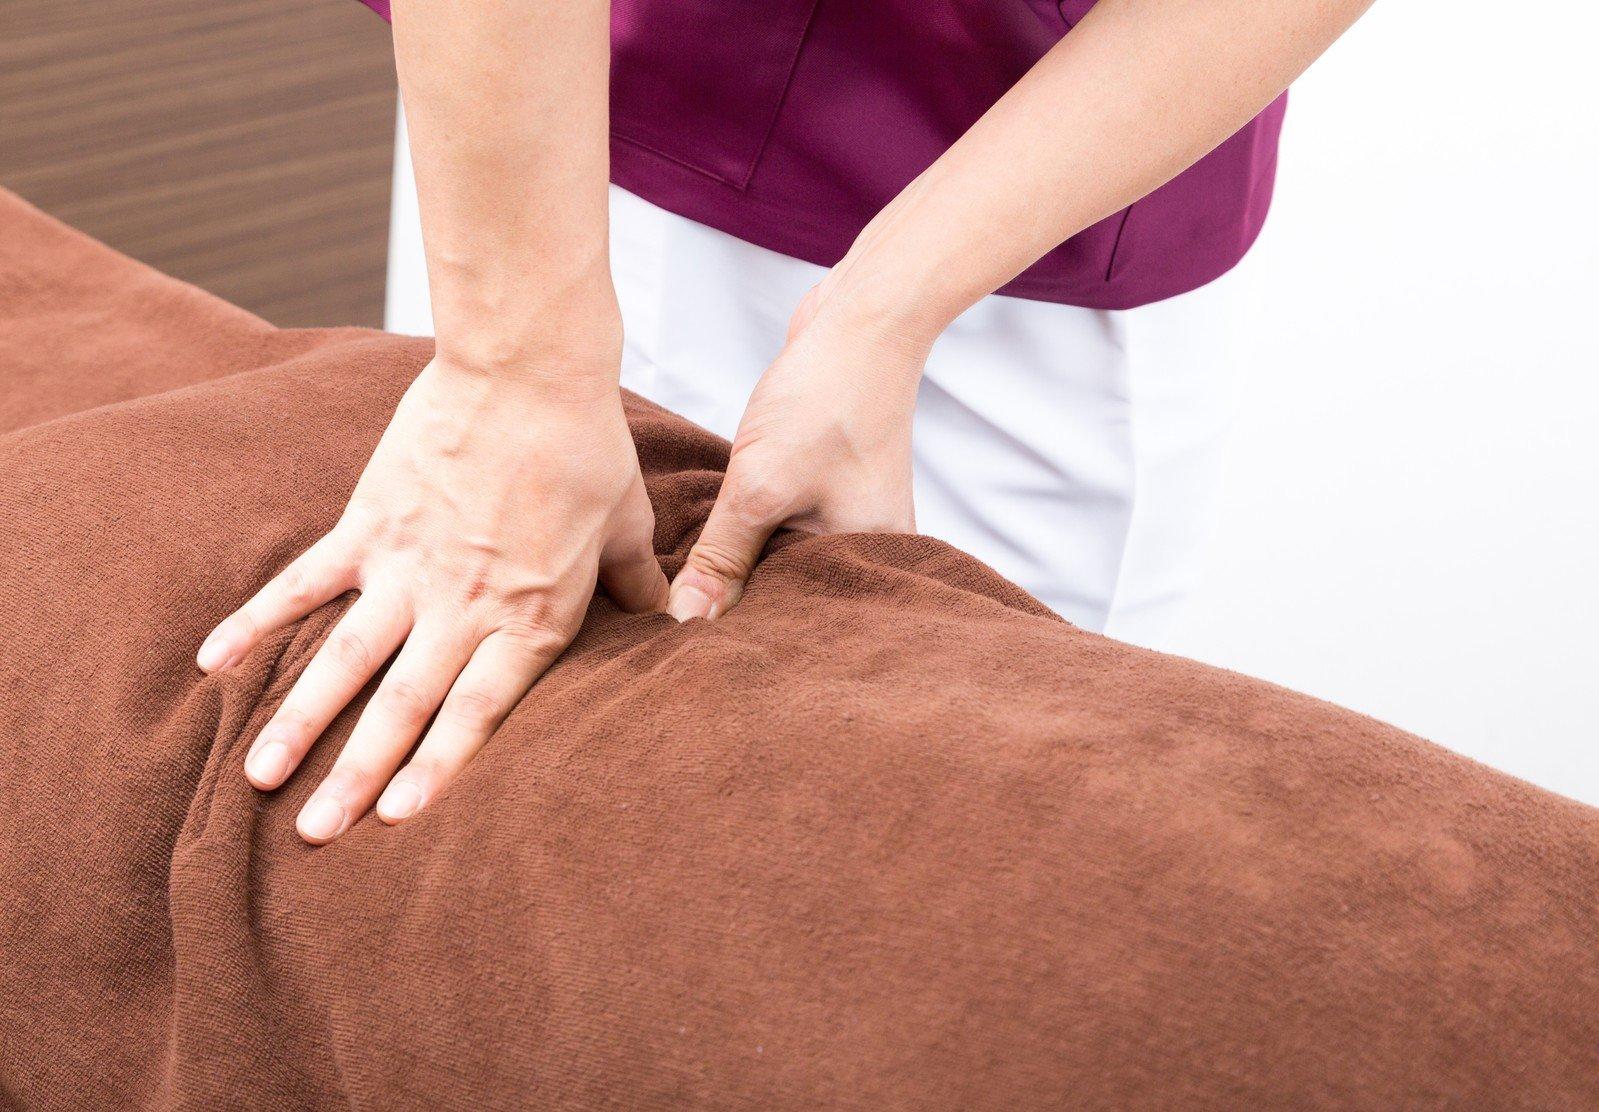 【初回限定】慢性腰痛改善チケットのイメージその1